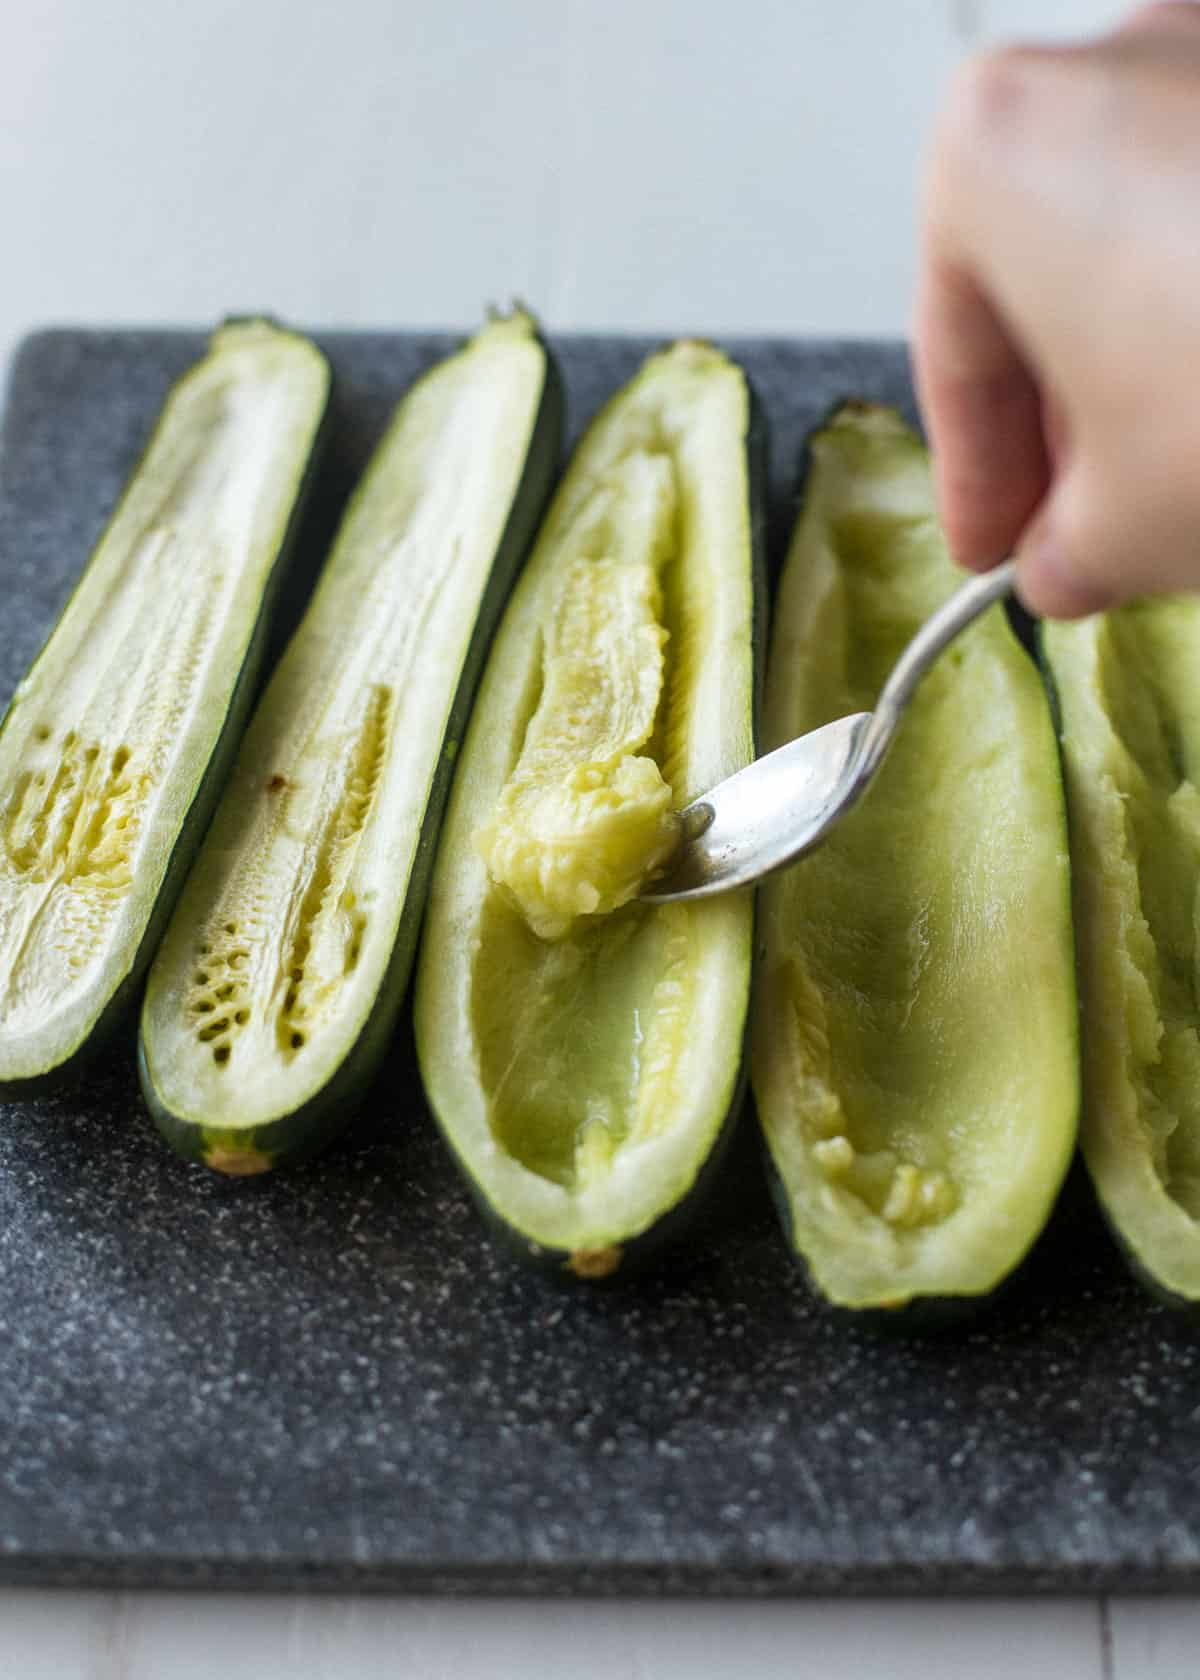 cooked zucchini cut in half